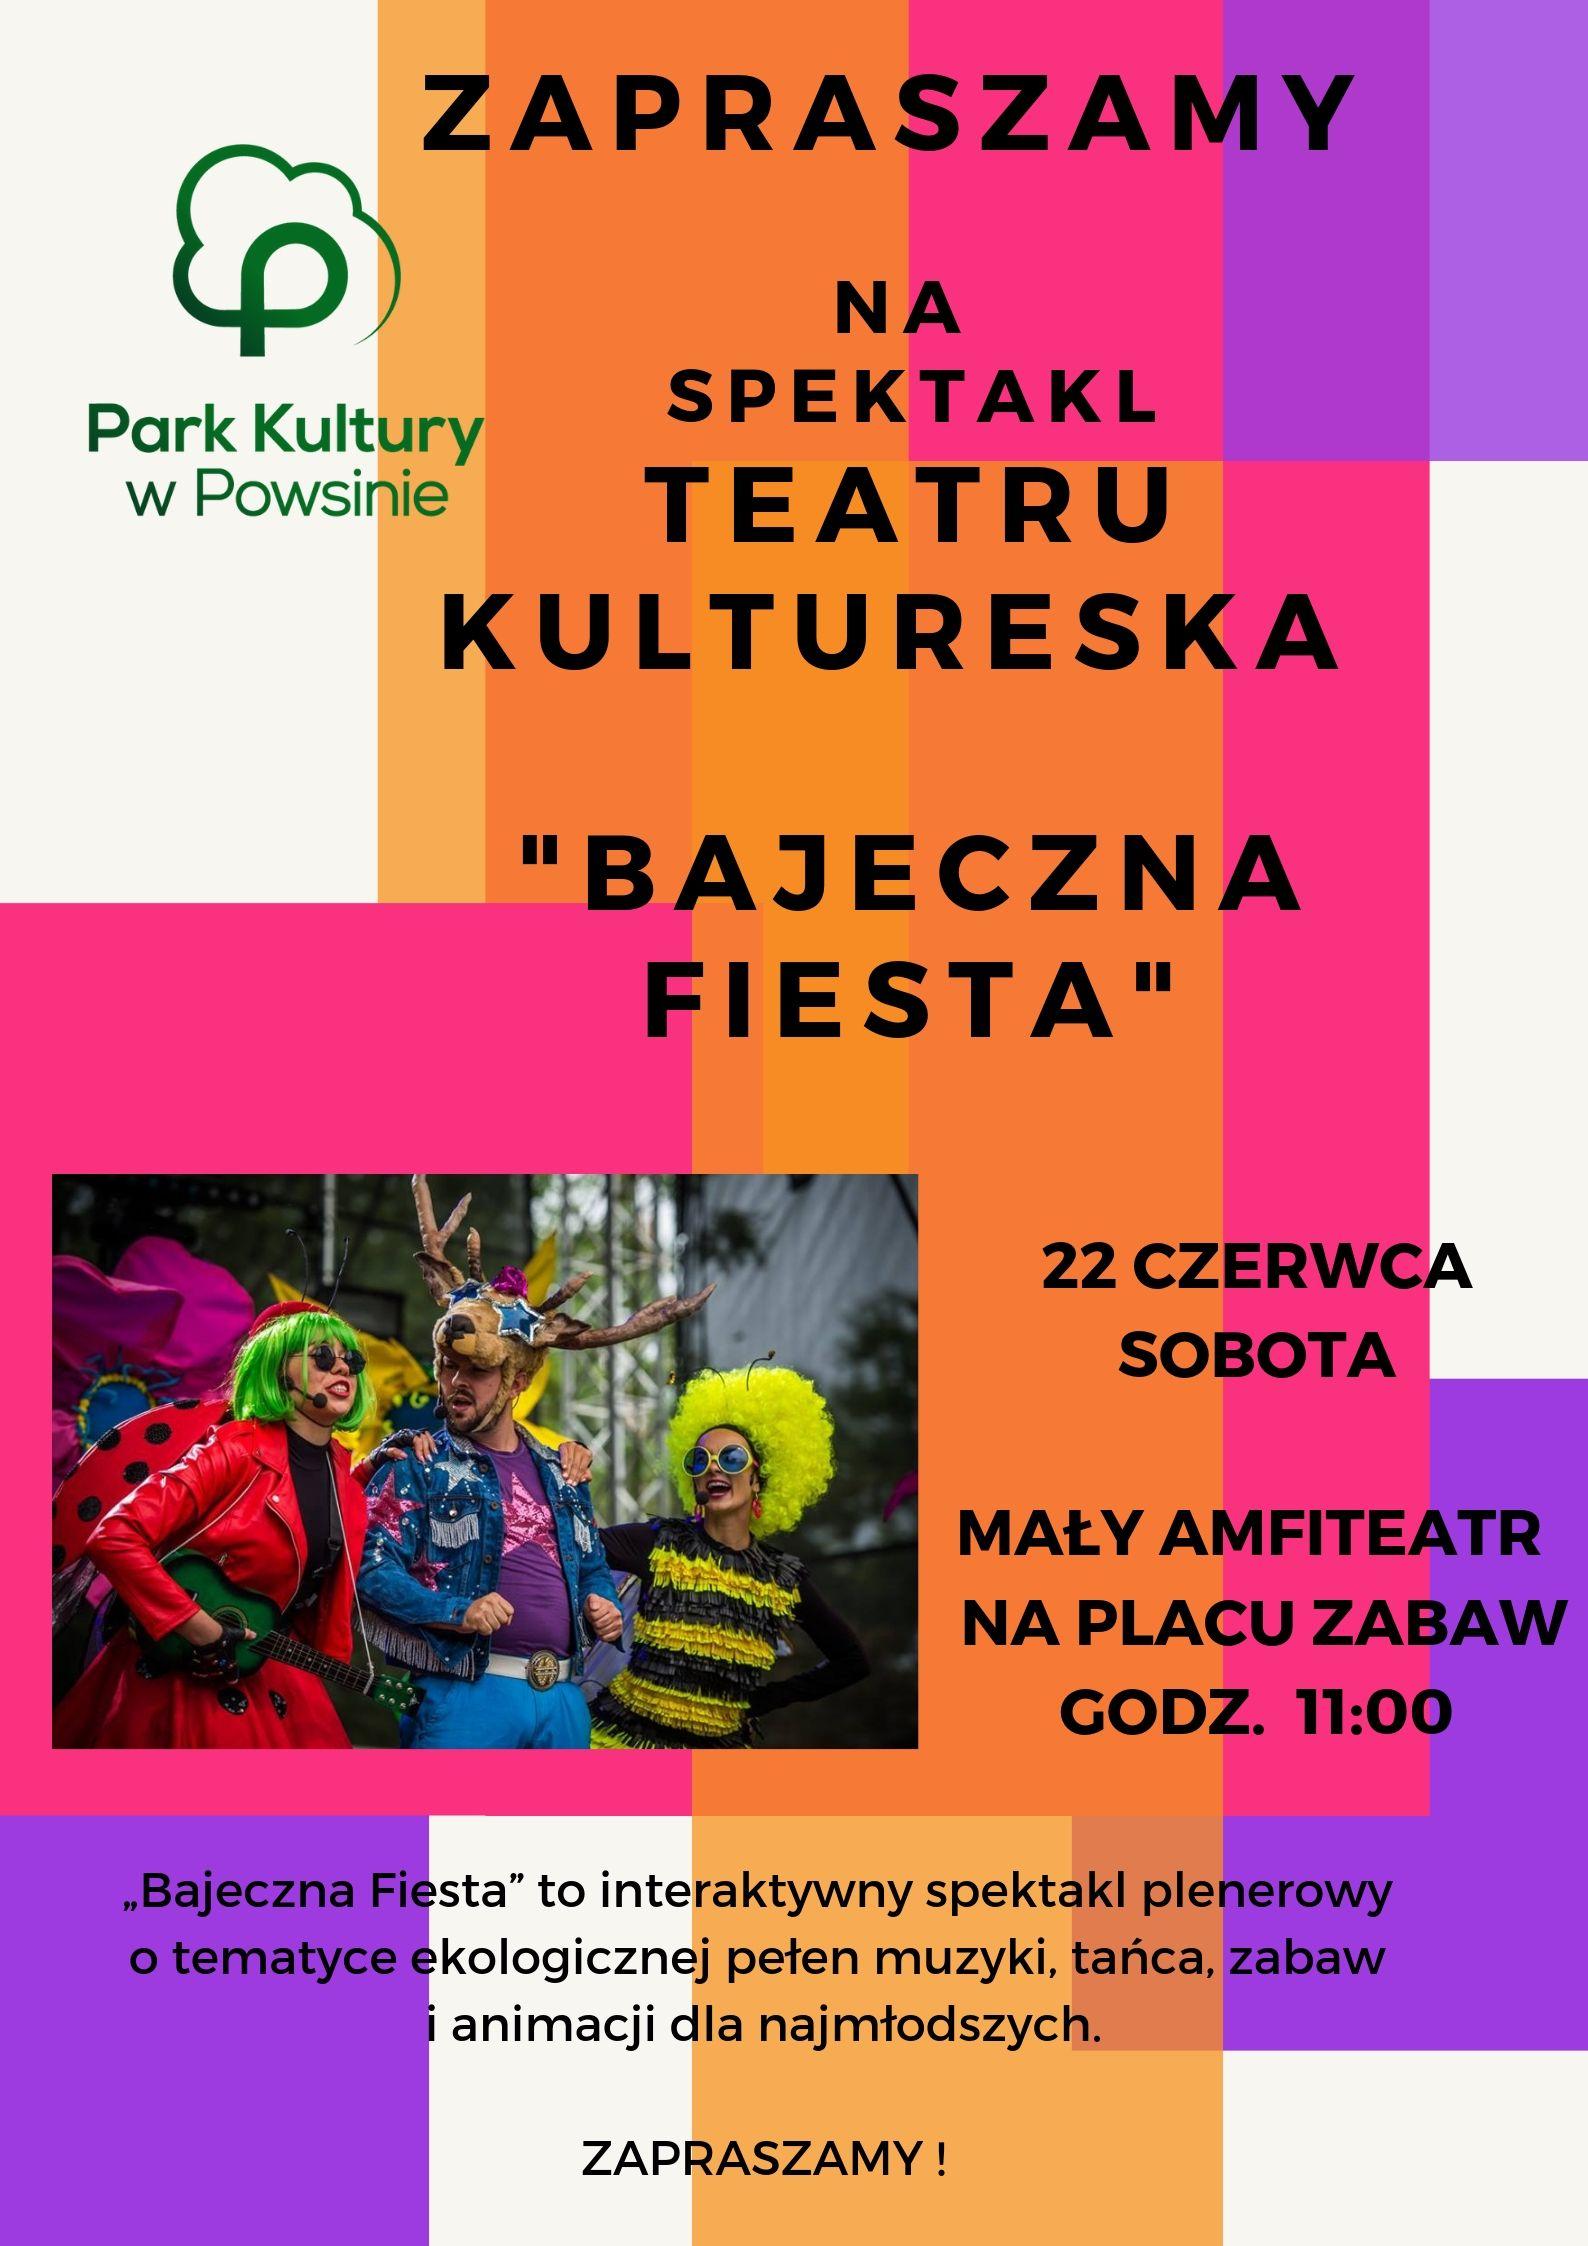 Bajeczna Fiesta na placu zabaw @ Plac Zabaw